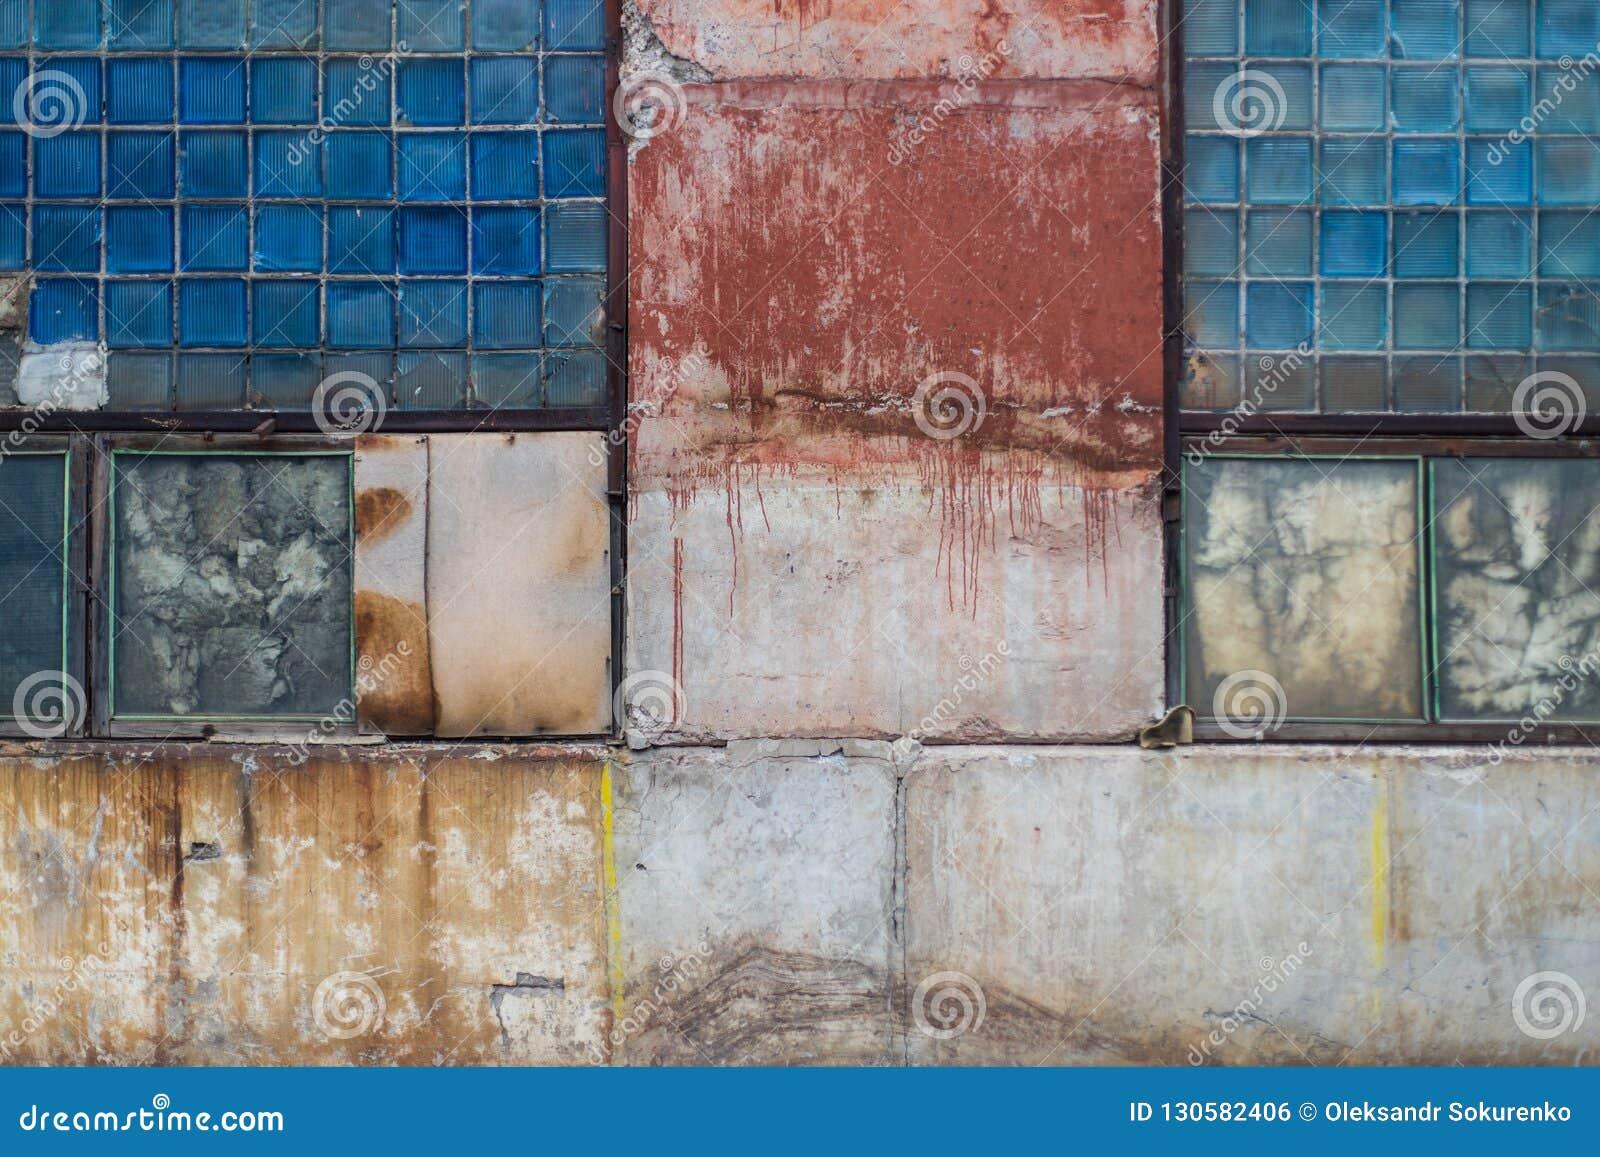 Παλαιό βρώμικο γυαλί φραγμών και χρωματισμένη συγκεκριμένη σύσταση αποθηκών εμπορευμάτων από την ΕΣΣΔ